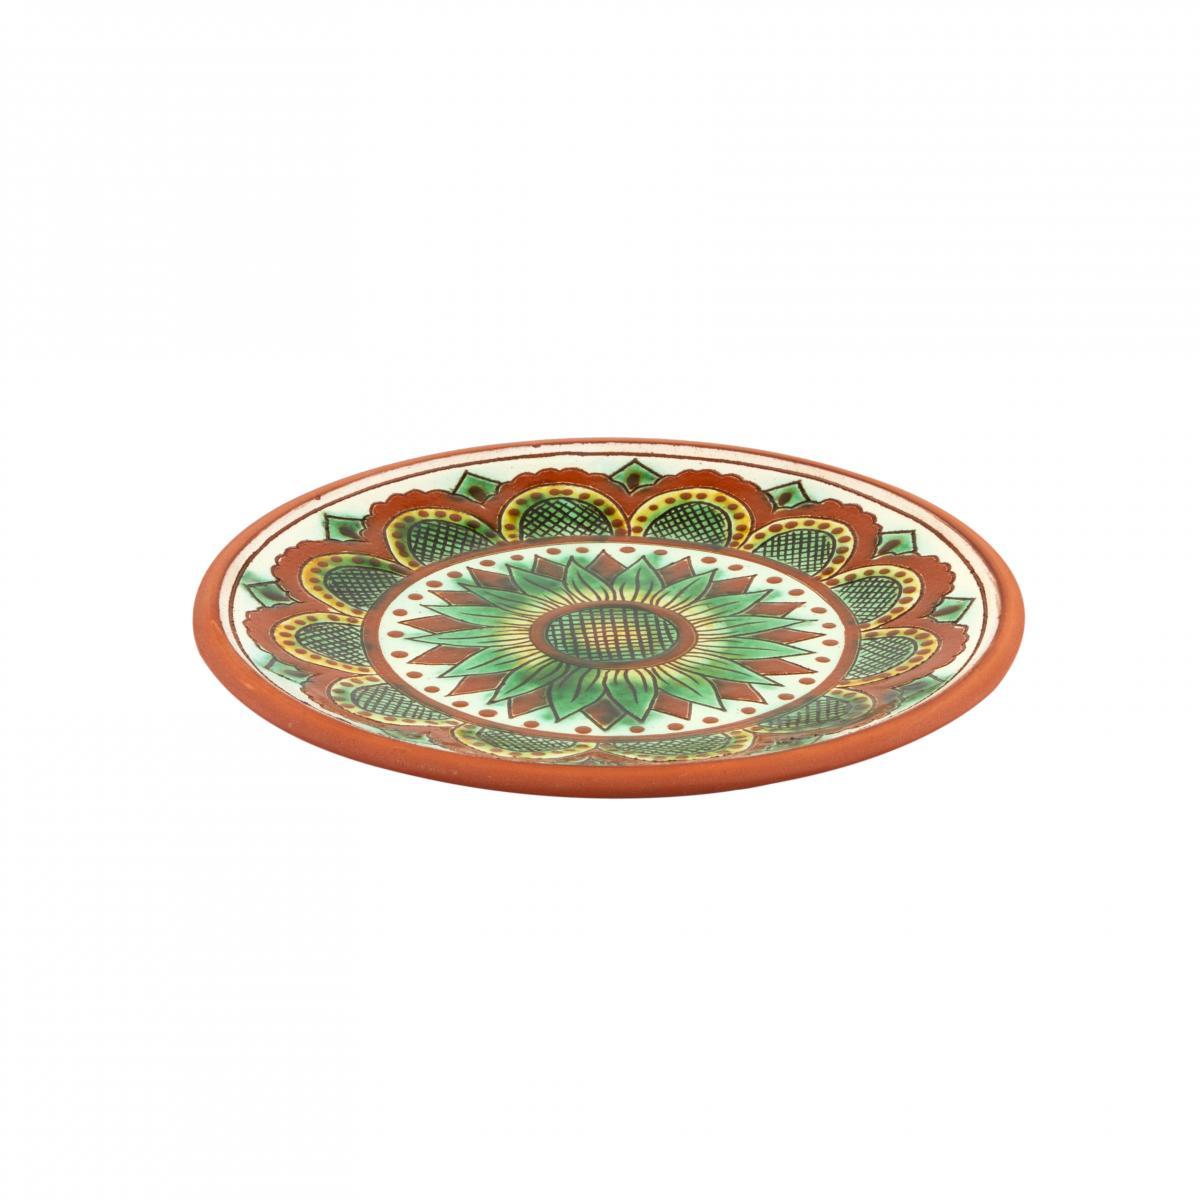 Кругла тарілка для десертів, 17 см. Фото №2. | Народний дім Україна